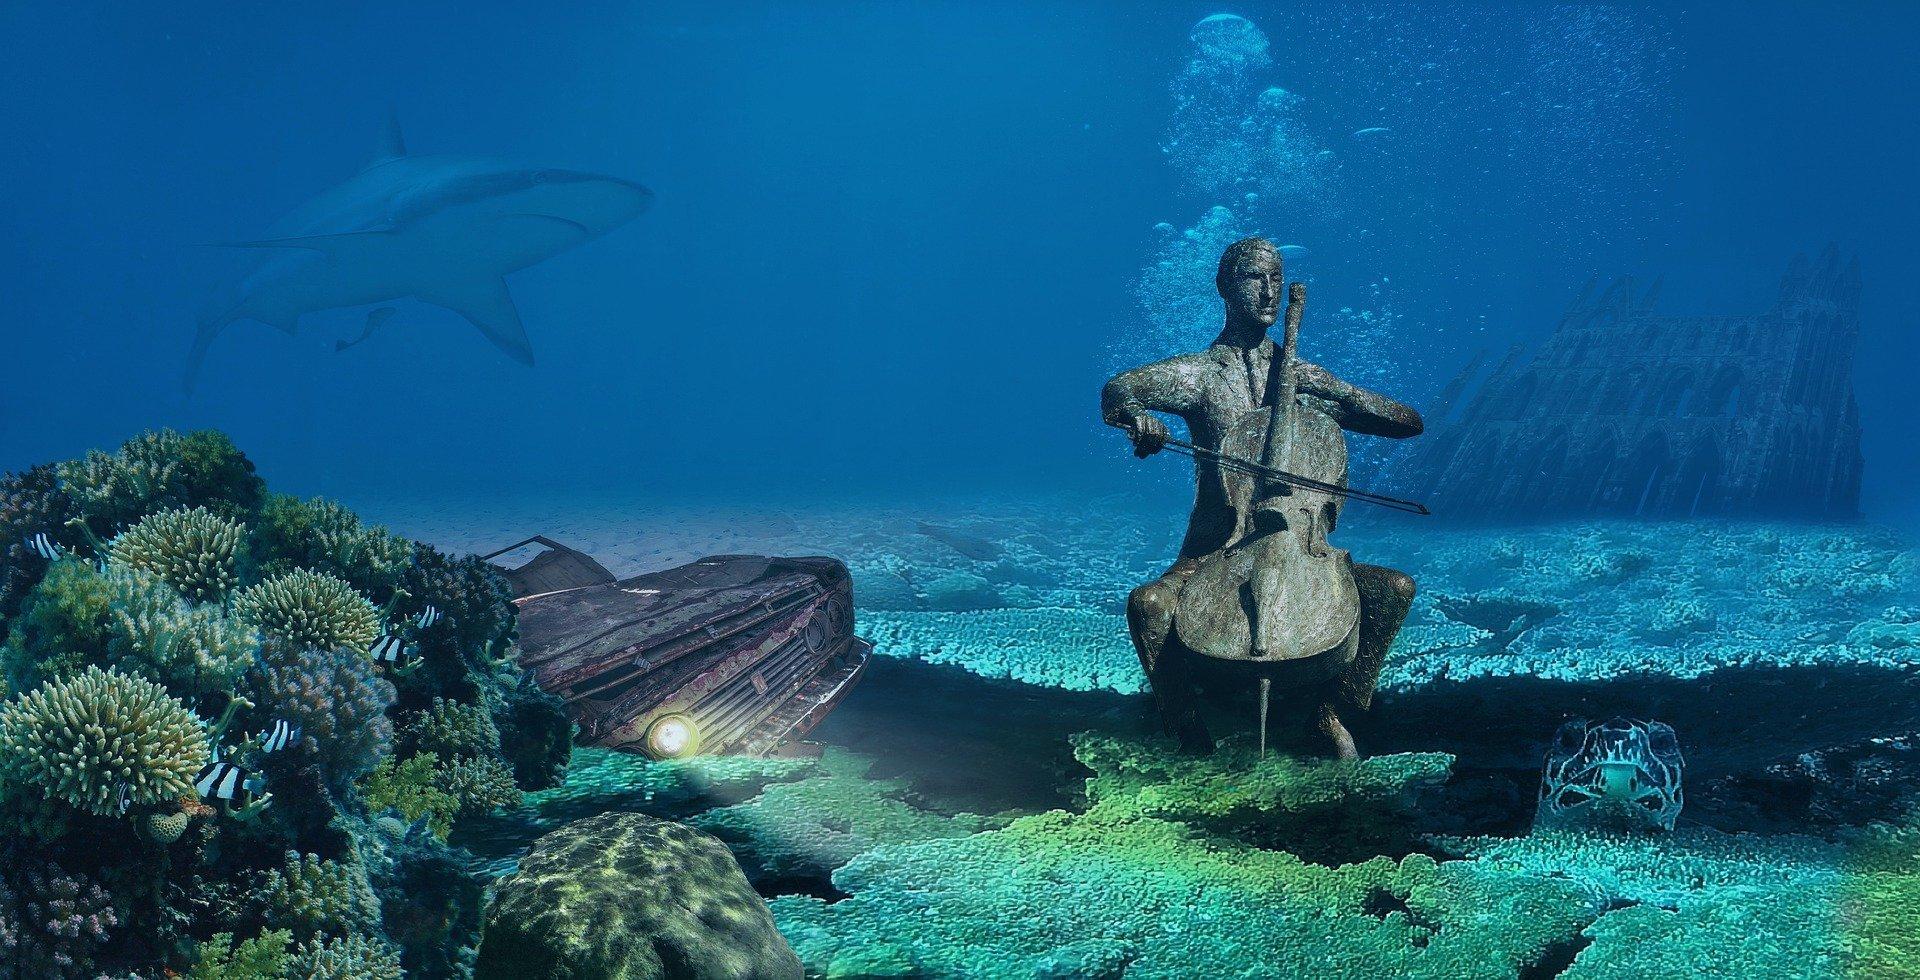 sul fondale del mare, la statua di un violoncellista che suona, un'auto arrugginita coi fari accesi, una cattedrale, una tartaruga gigante che esce dalle rocce e uno squalo che si sta avvicinando